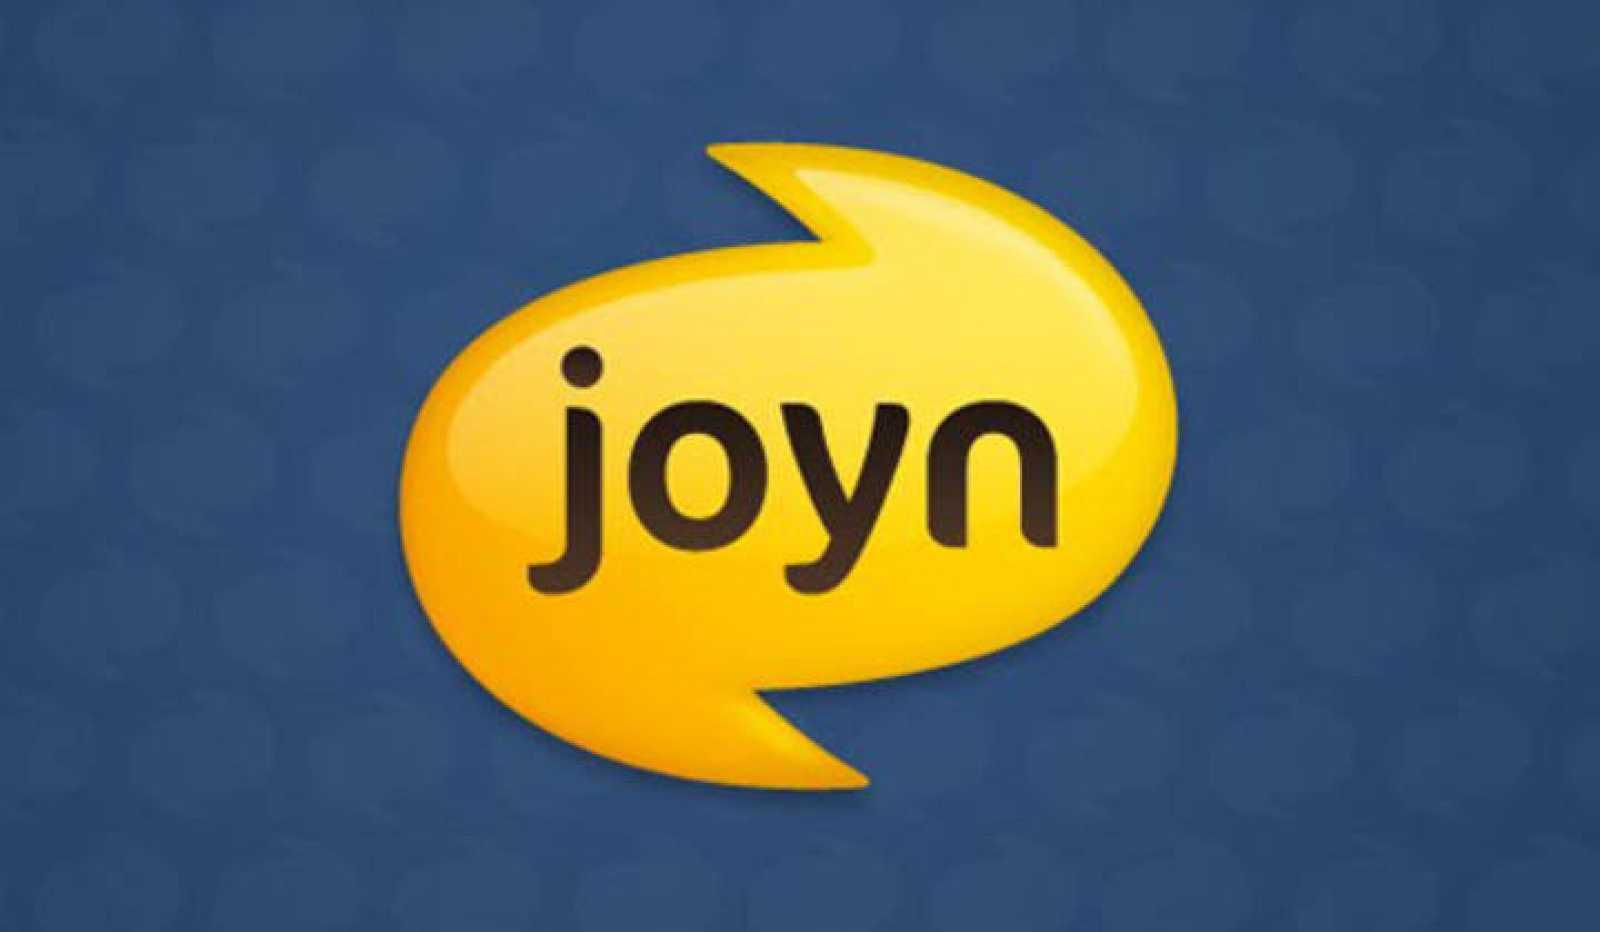 Joyn, un competidor para Whatsapp que llega a España impulsado por las operadoras.